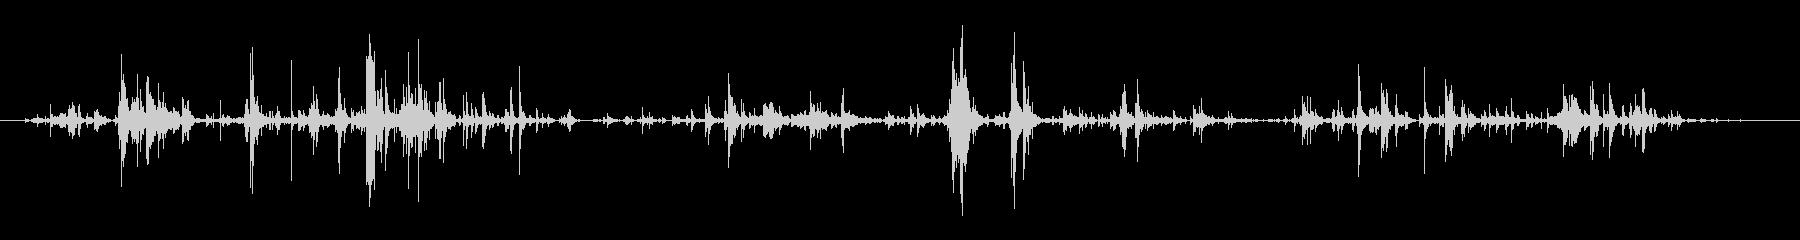 キーホルダーのチャリチャリ音7の未再生の波形